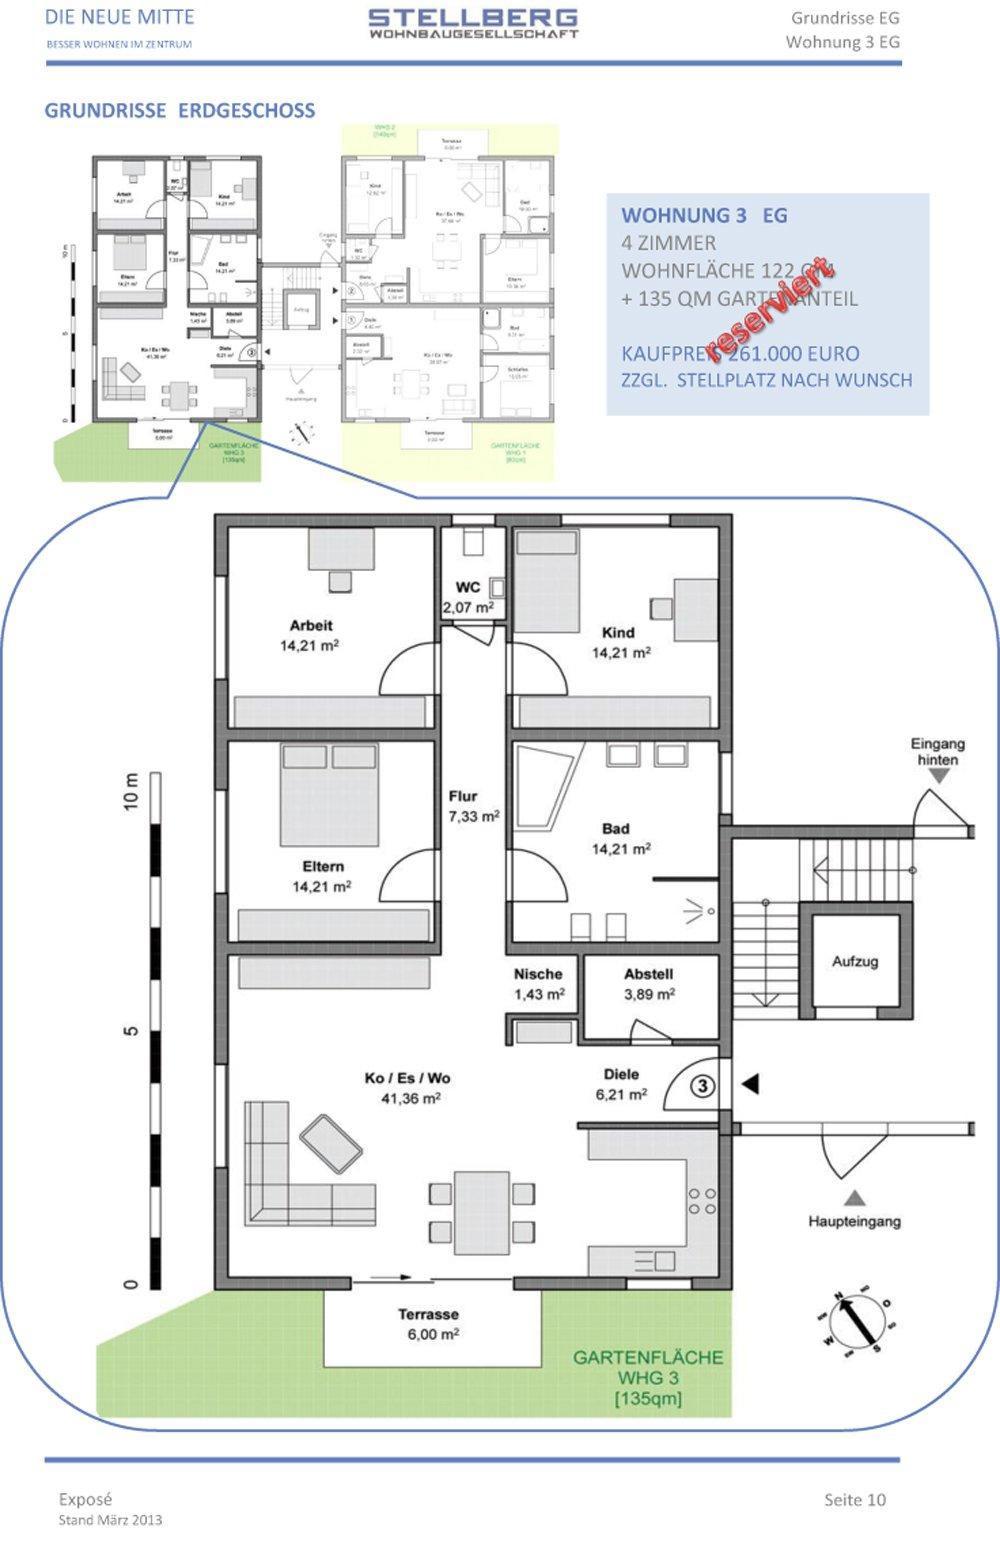 die neue mitte graben neudorf stellberg wohnbau neubau immobilien informationen. Black Bedroom Furniture Sets. Home Design Ideas